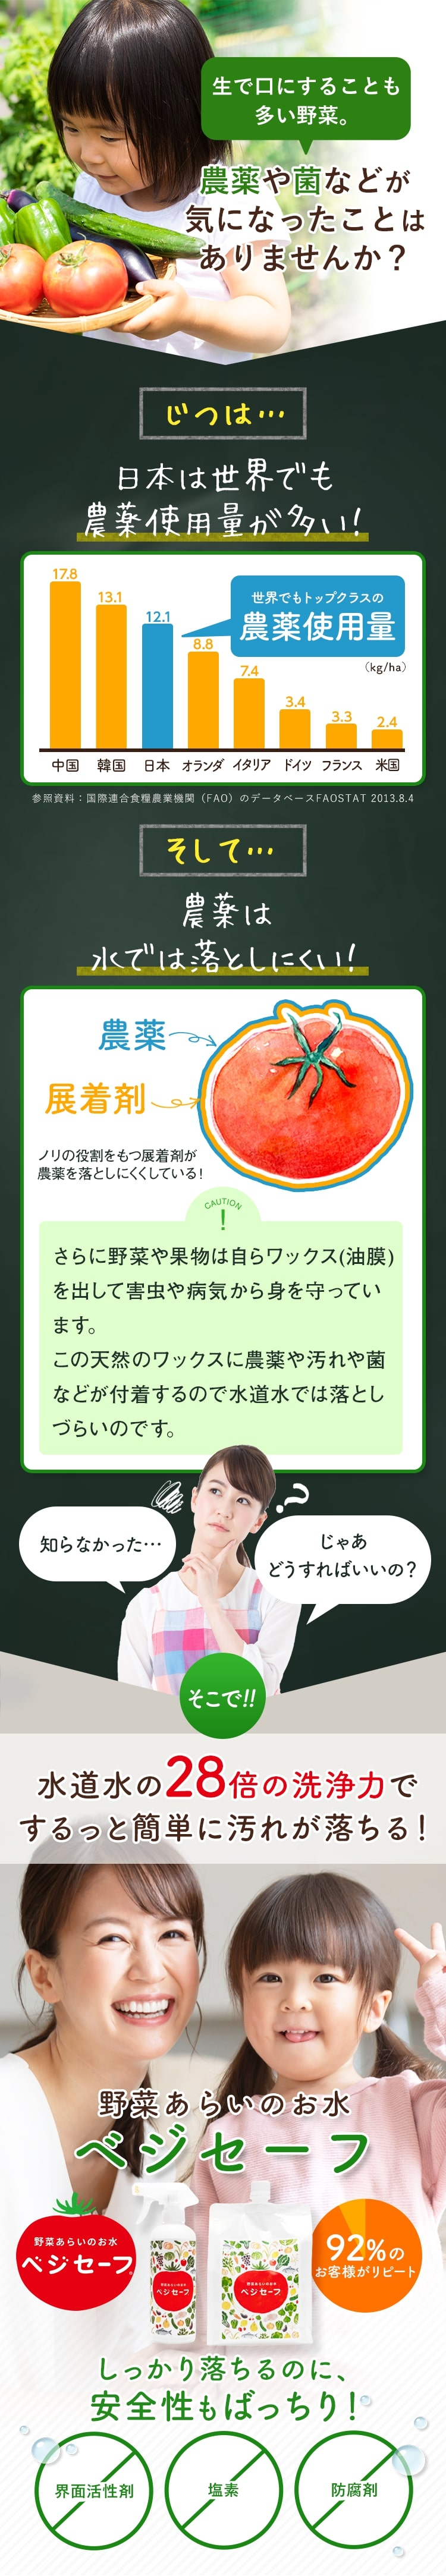 生で口にすることも多い野菜。農薬や金などが気になったことはありませんか?じつは…日本は世界でも農薬使用量が多い!そして…農薬は水では落としにくい!そこで水道水の28倍の洗浄力でするっと簡単に汚れが落ちる!野菜あらいのお水ベジセーフ